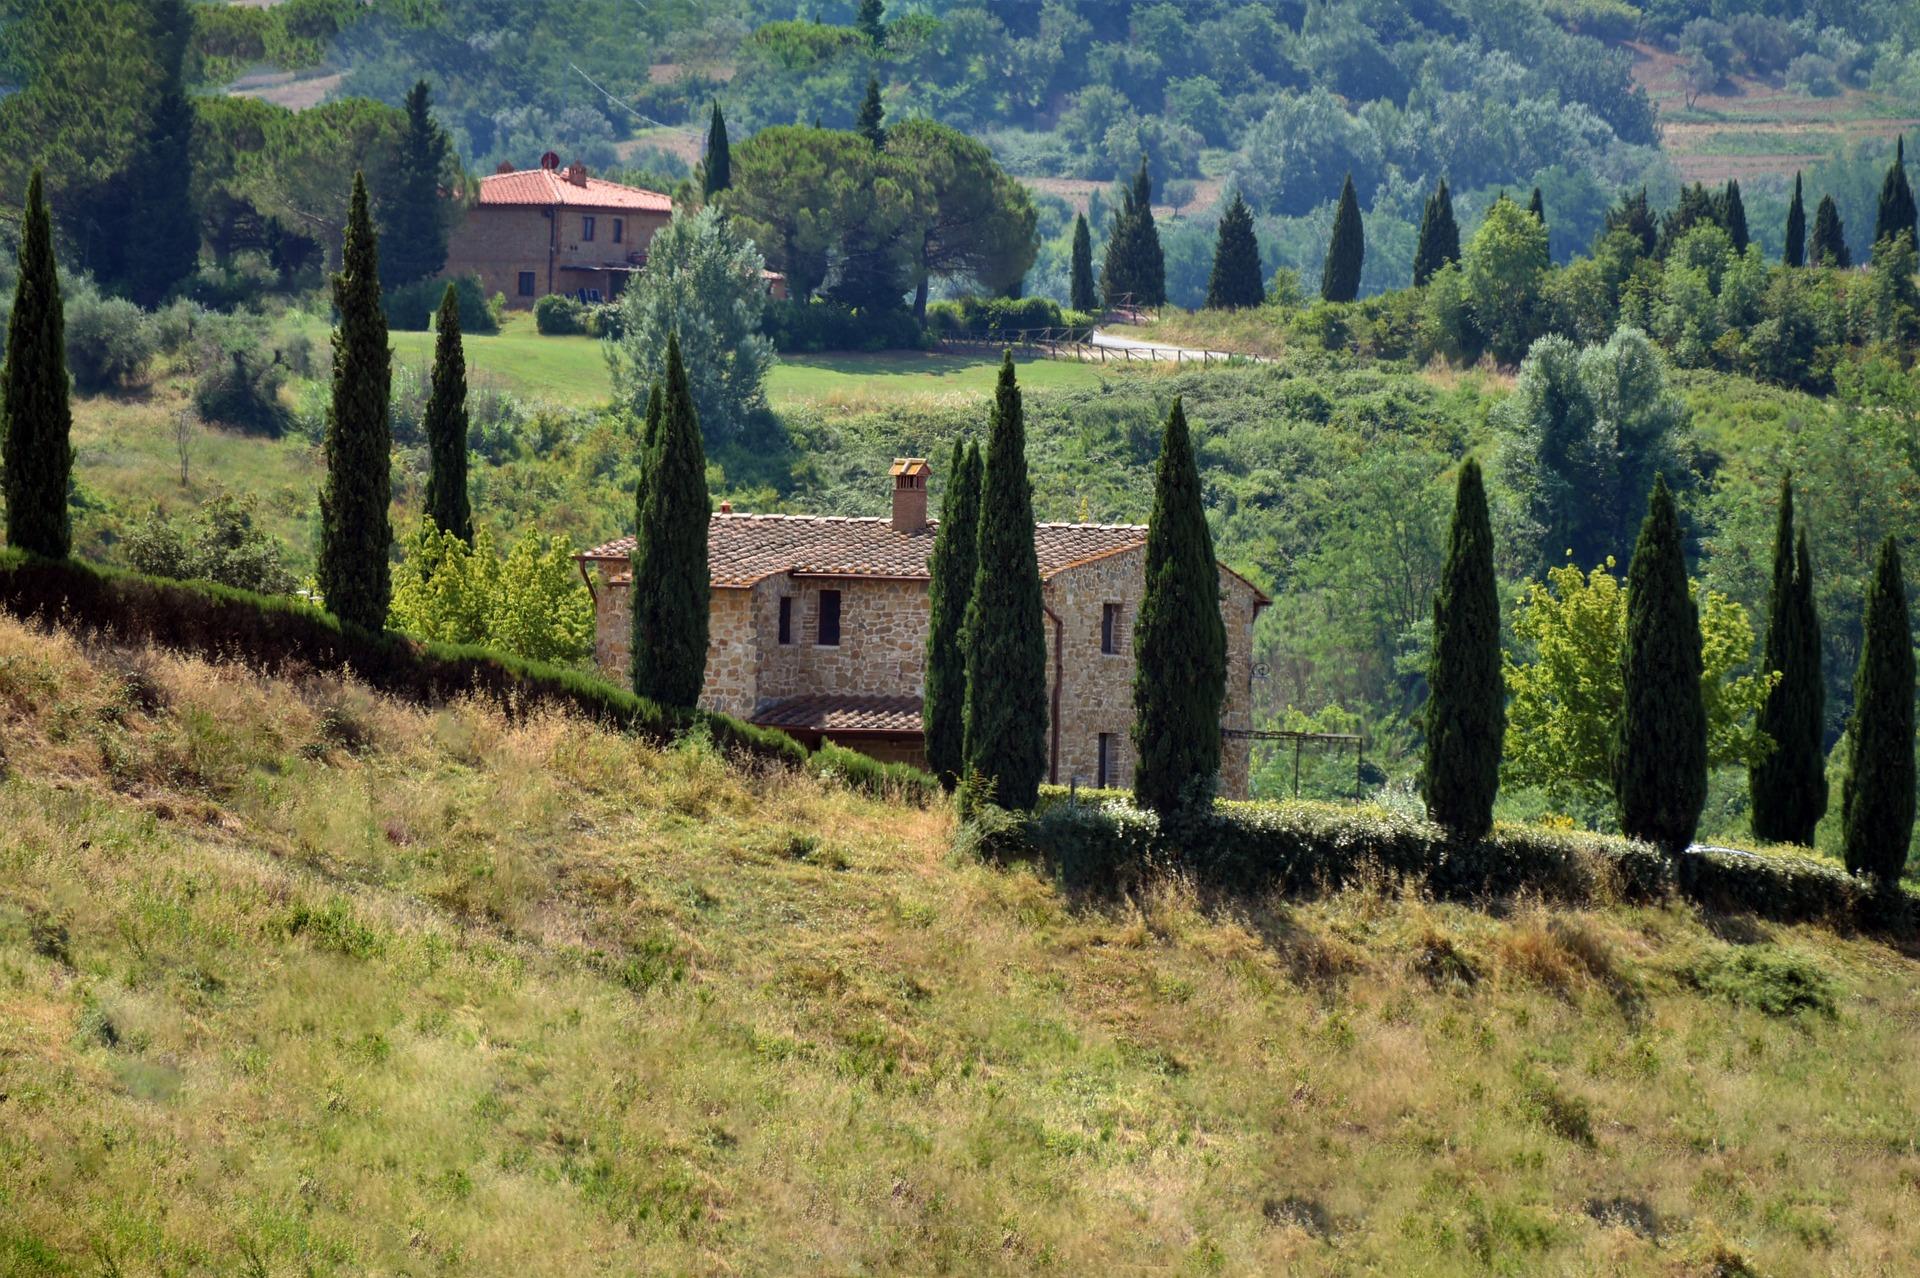 Cerco casale o borgo in Toscana per creare insieme una vita sana